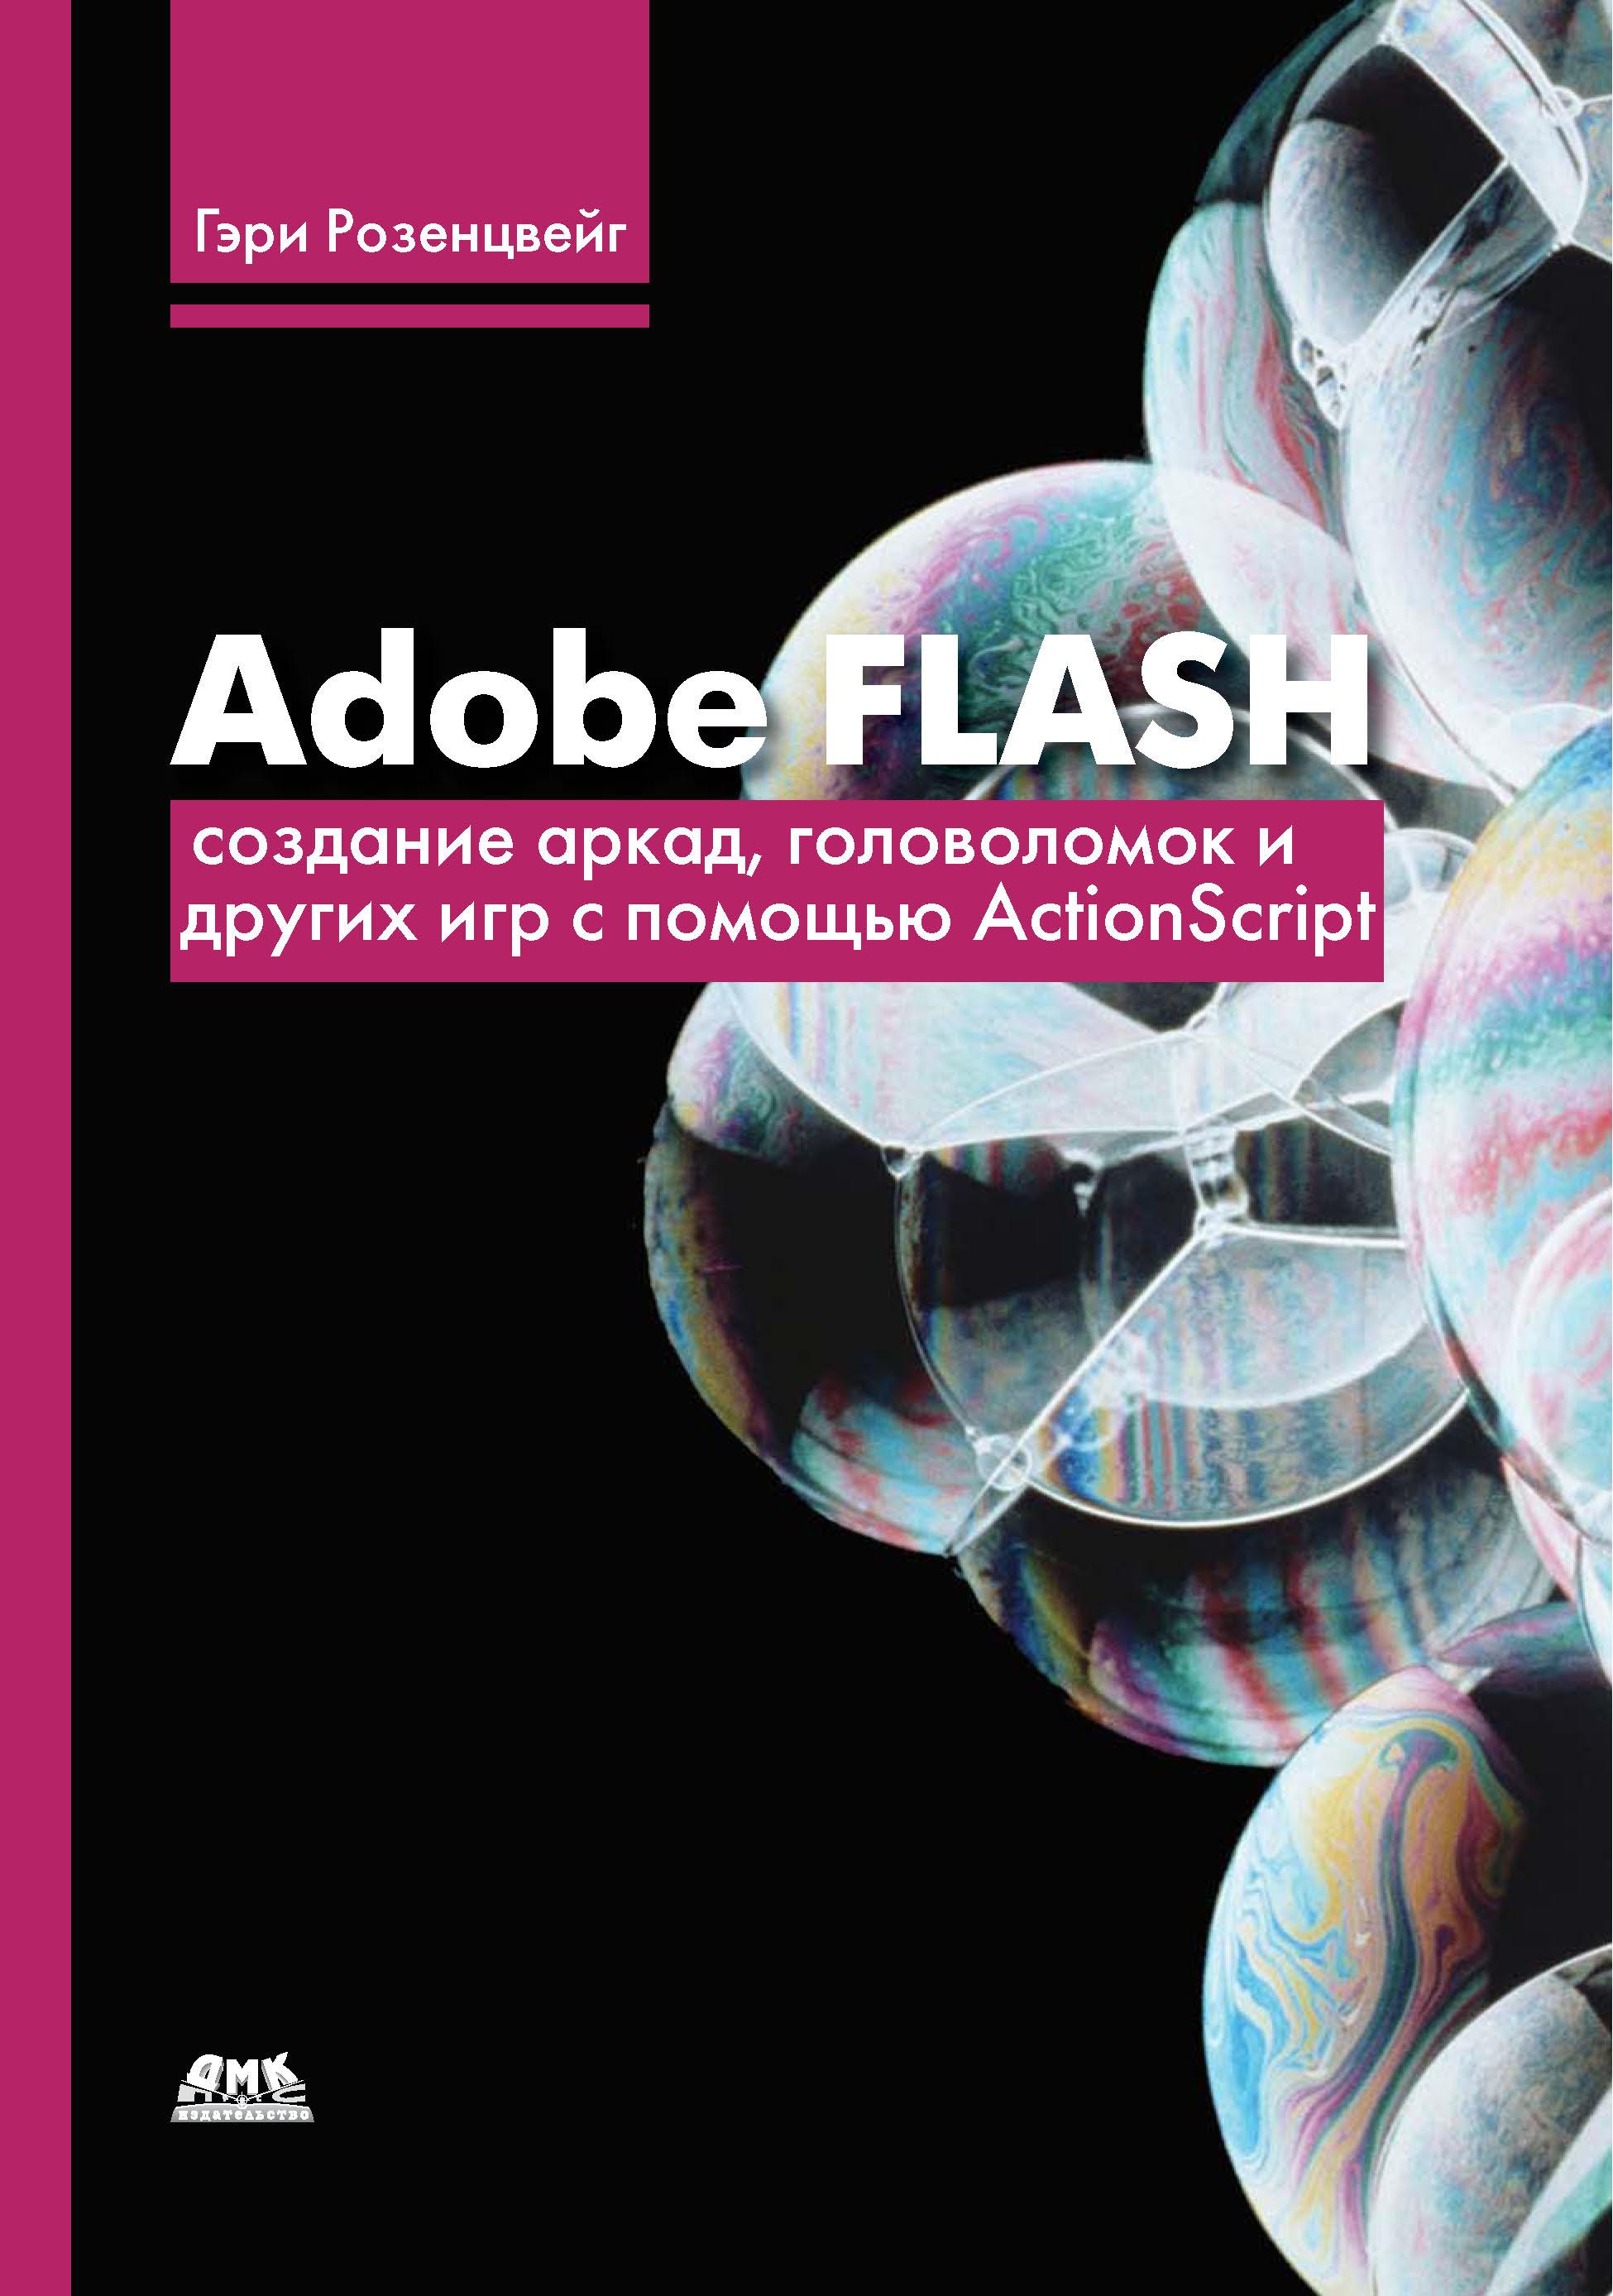 Гэри Розенцвейг Adobe Flash. Создание аркад, головоломок и других игр с помощью ActionScript елена альберт actionscript 2 0